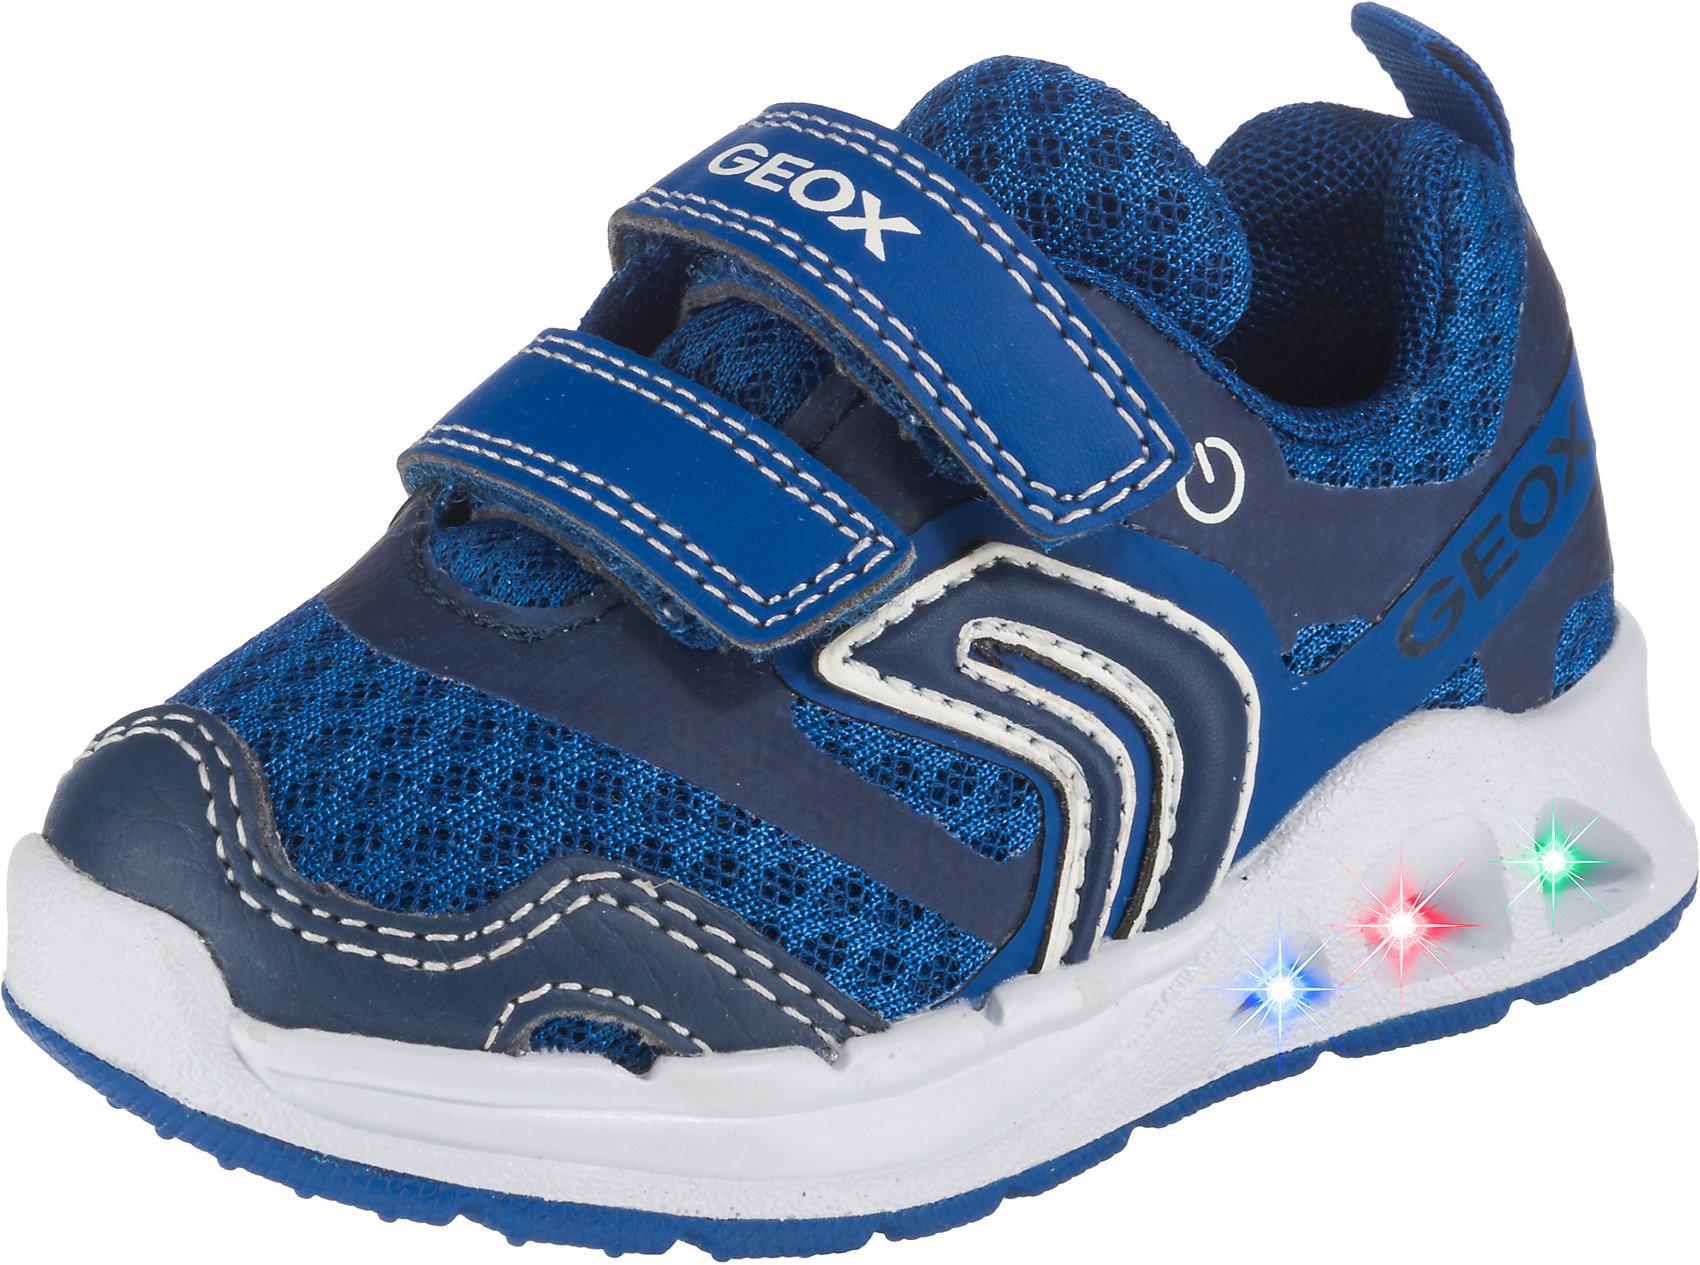 Low Für Blinkies Details 10184577 Neu Boy Jungen Baby Zu Geox Dakin Sneakers Y2DWEHIe9